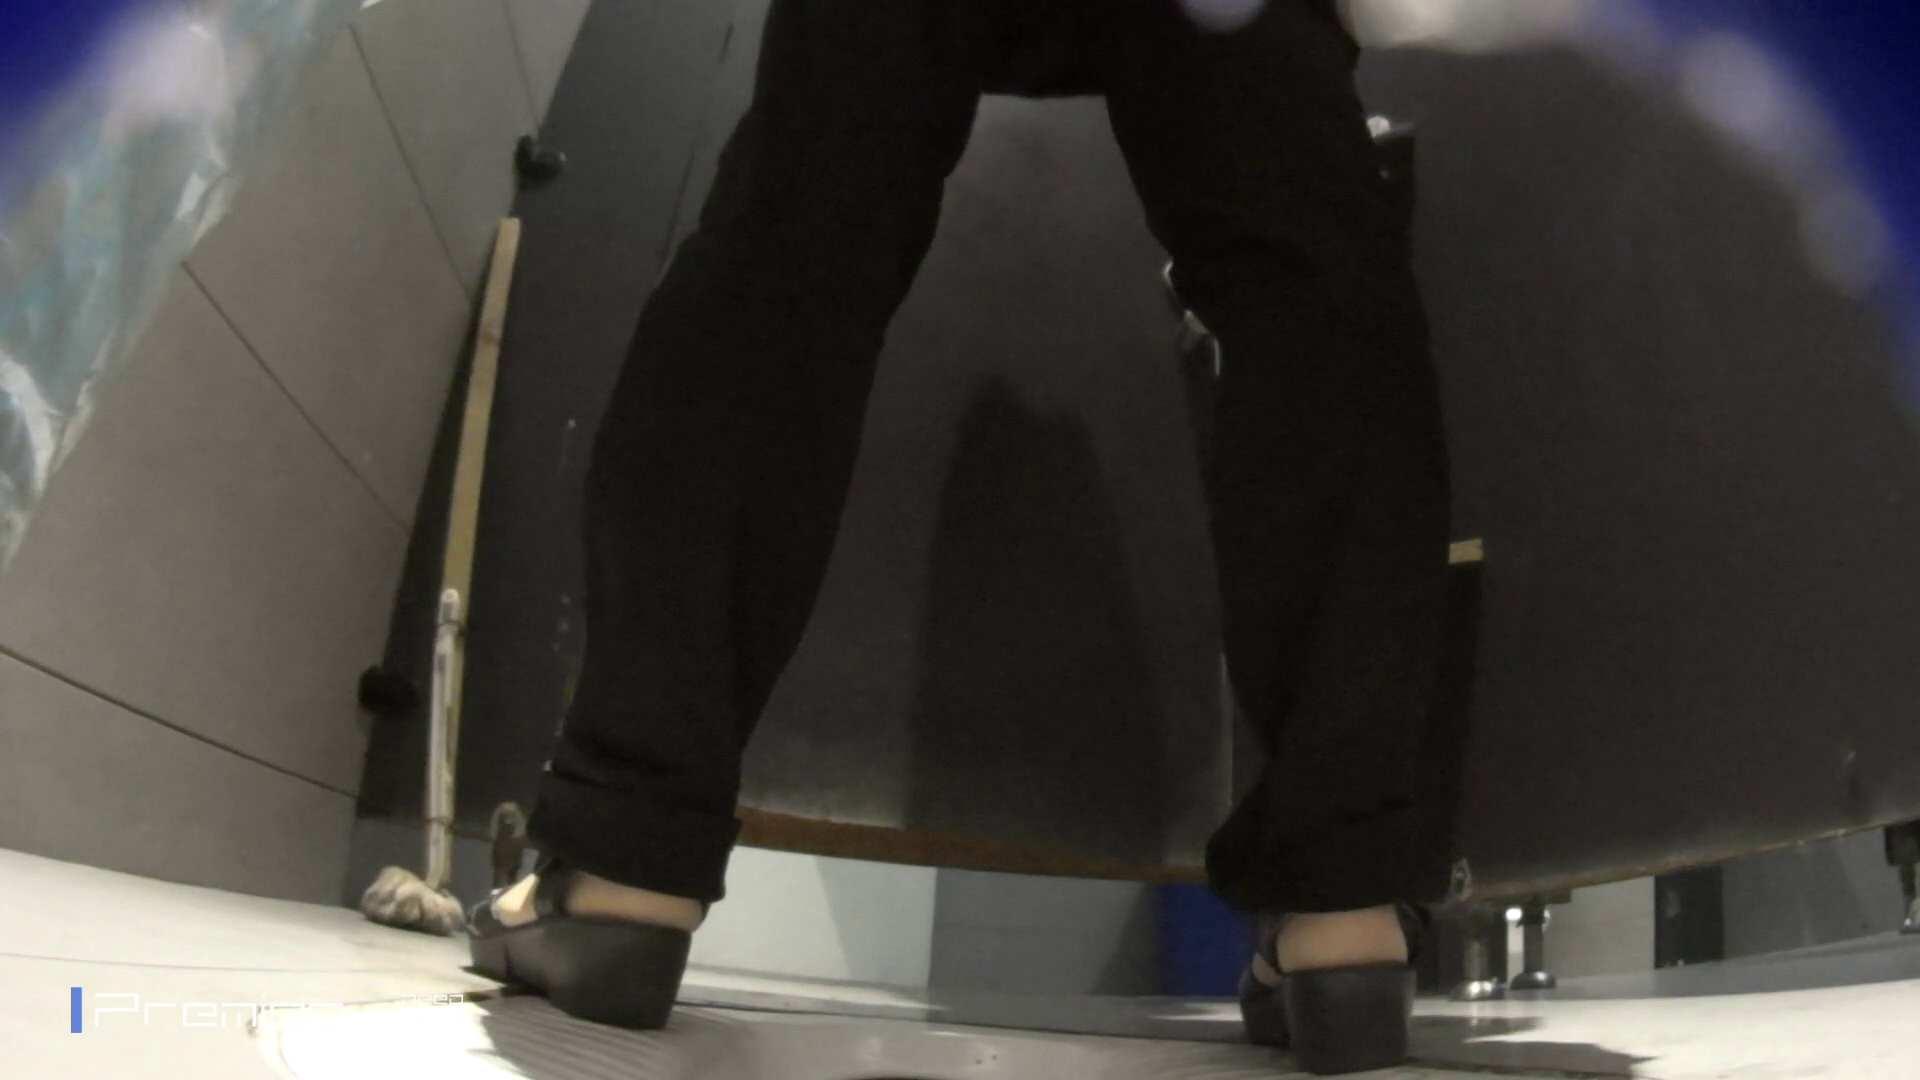 ショートカット黒髪お女市さん 大学休憩時間の洗面所事情61 盗撮映像大放出 盗撮動画紹介 50連発 22